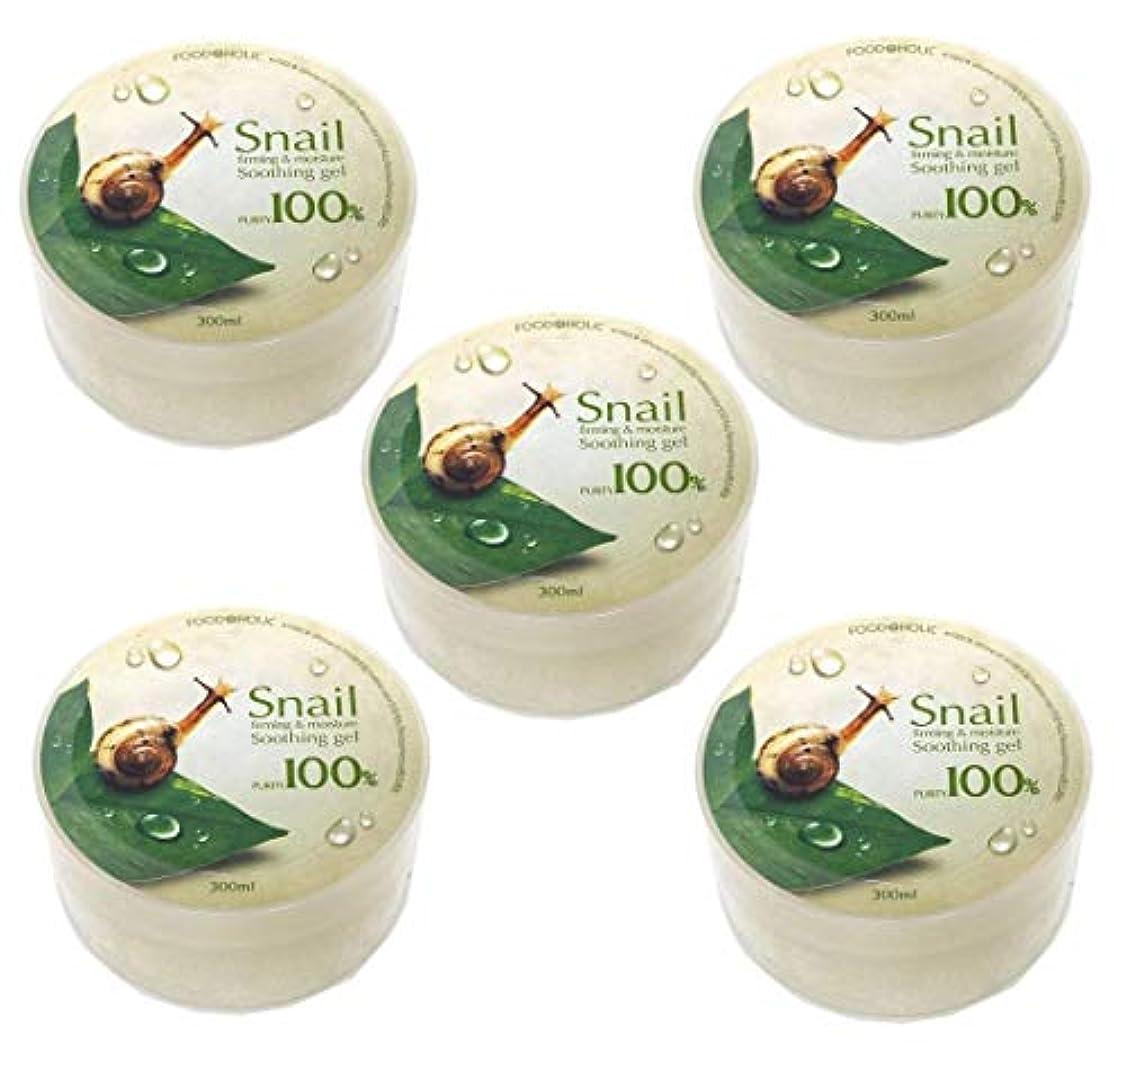 フォーラム消防士同意する[Food A Holic] スネイルファーミング&水分スージングジェル300ml X 5ea / Snail Firming & moisture Soothing Gel 300ml X 5ea / 純度97% /...